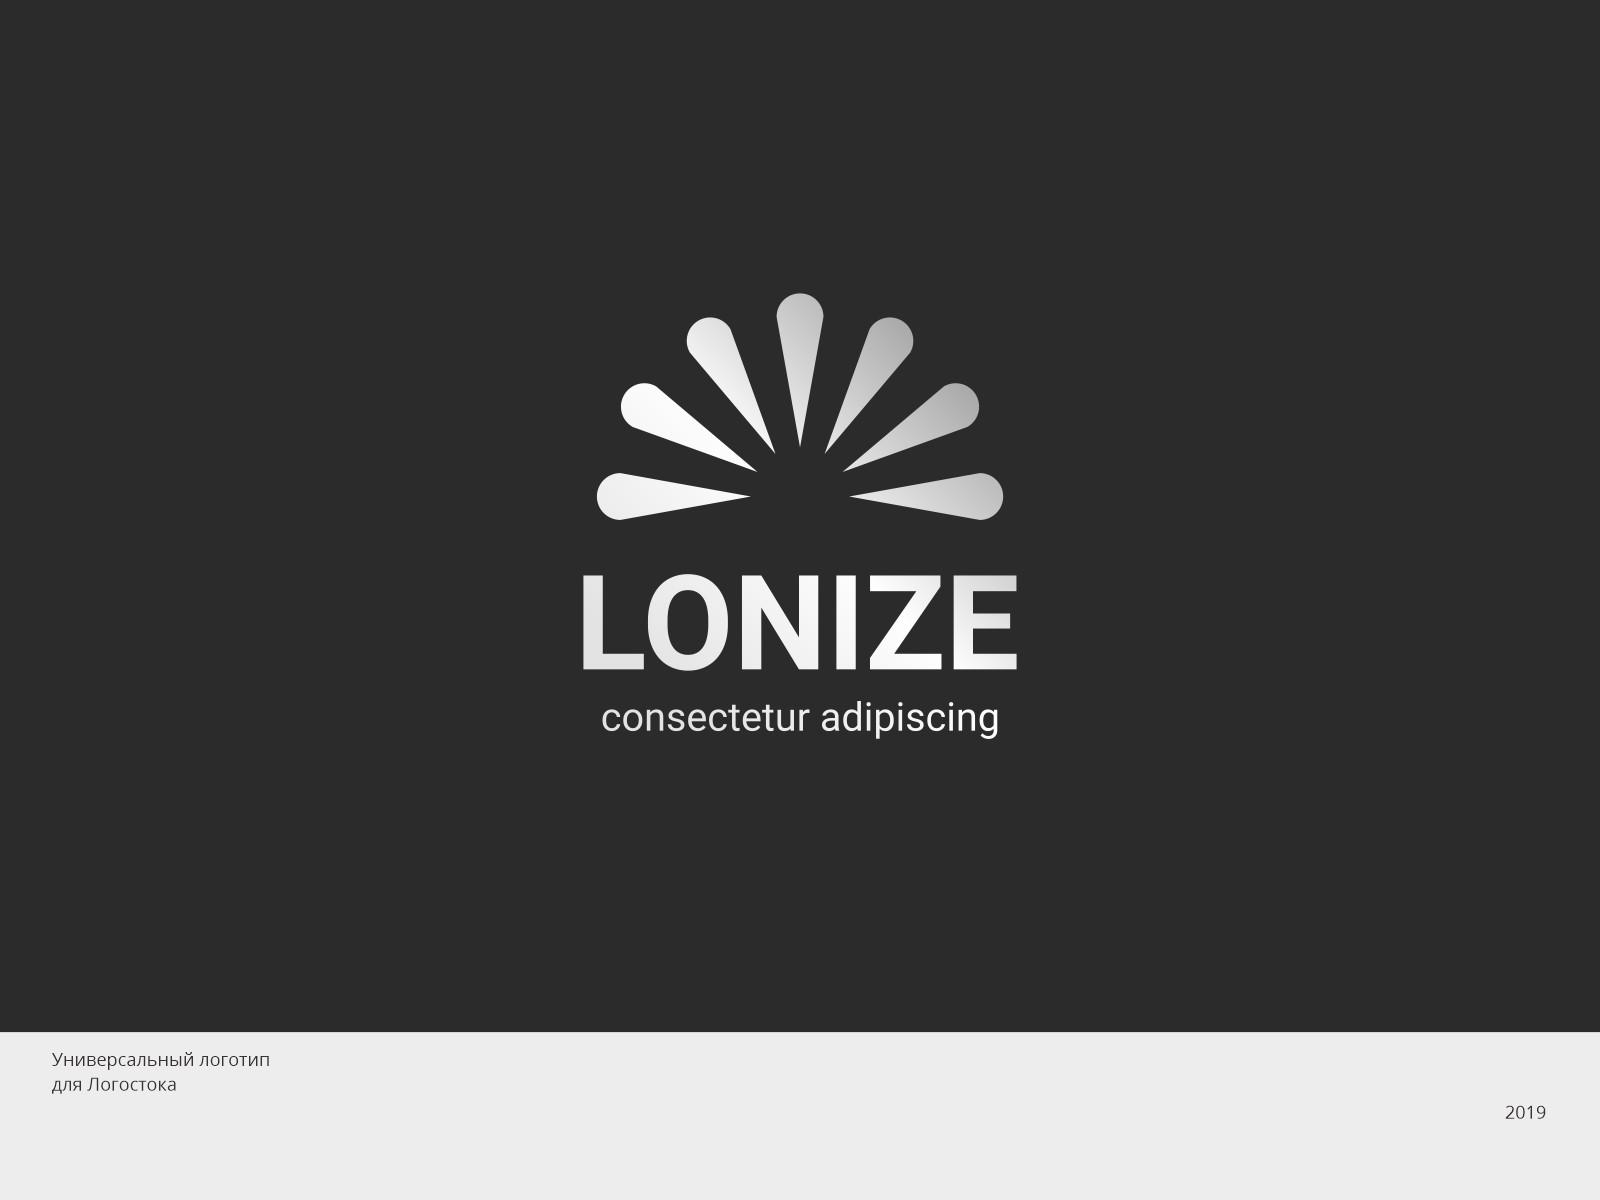 Логотип Lonize